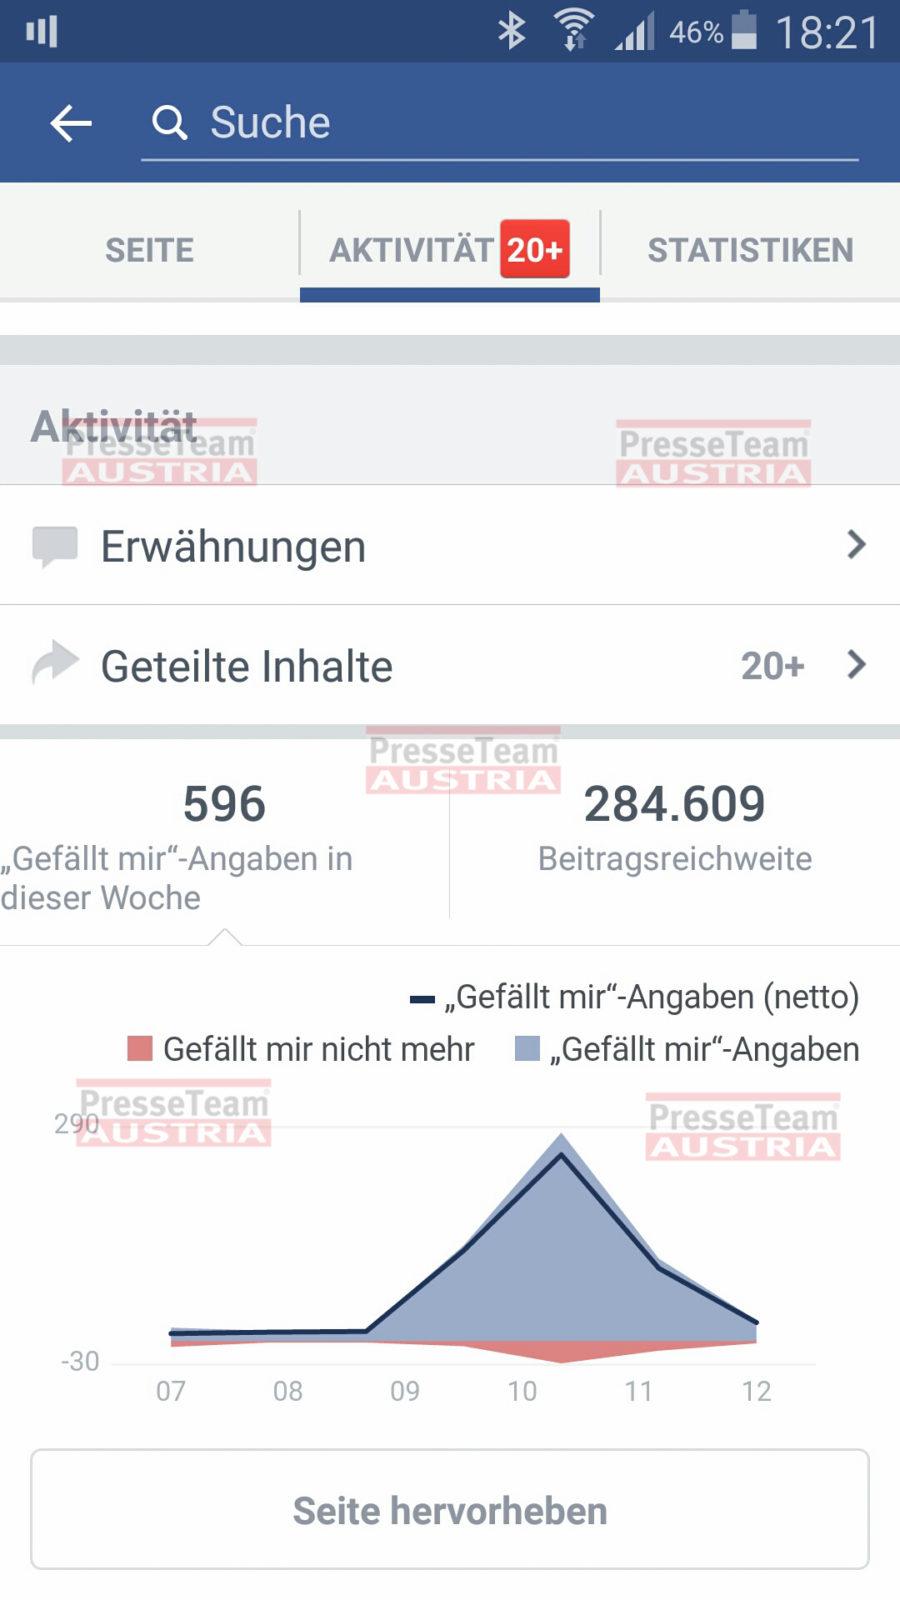 Facebook Marketing Schulung 45 - 10.730.101 Reichweite mit Facebook-Marketing: Der sichere Weg zu Ihrer Zielgruppe!